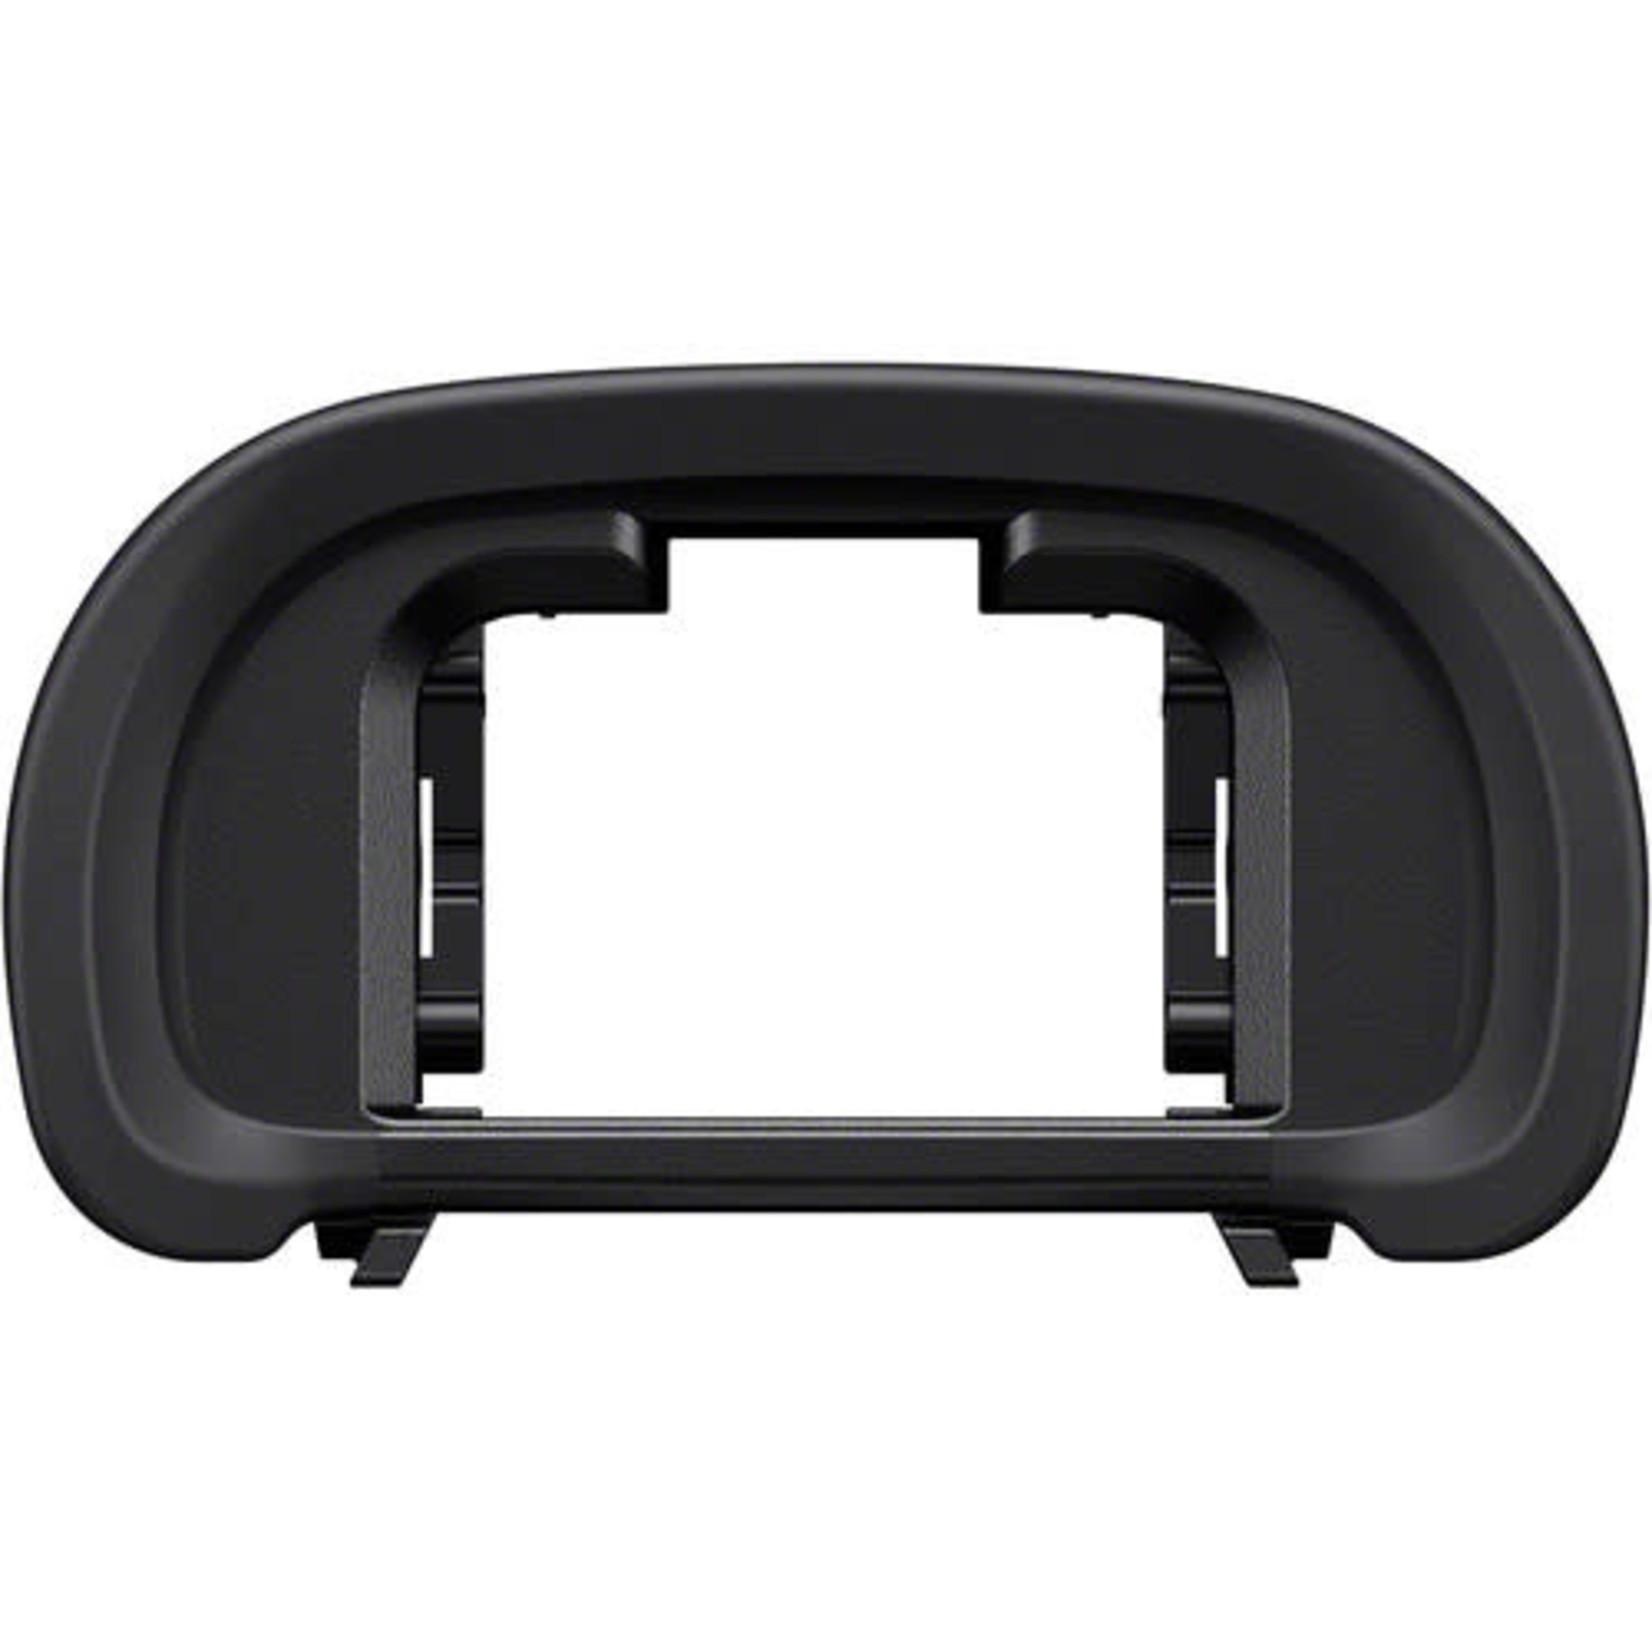 Sony Sony FDA-EP18 Eyepiece Cup